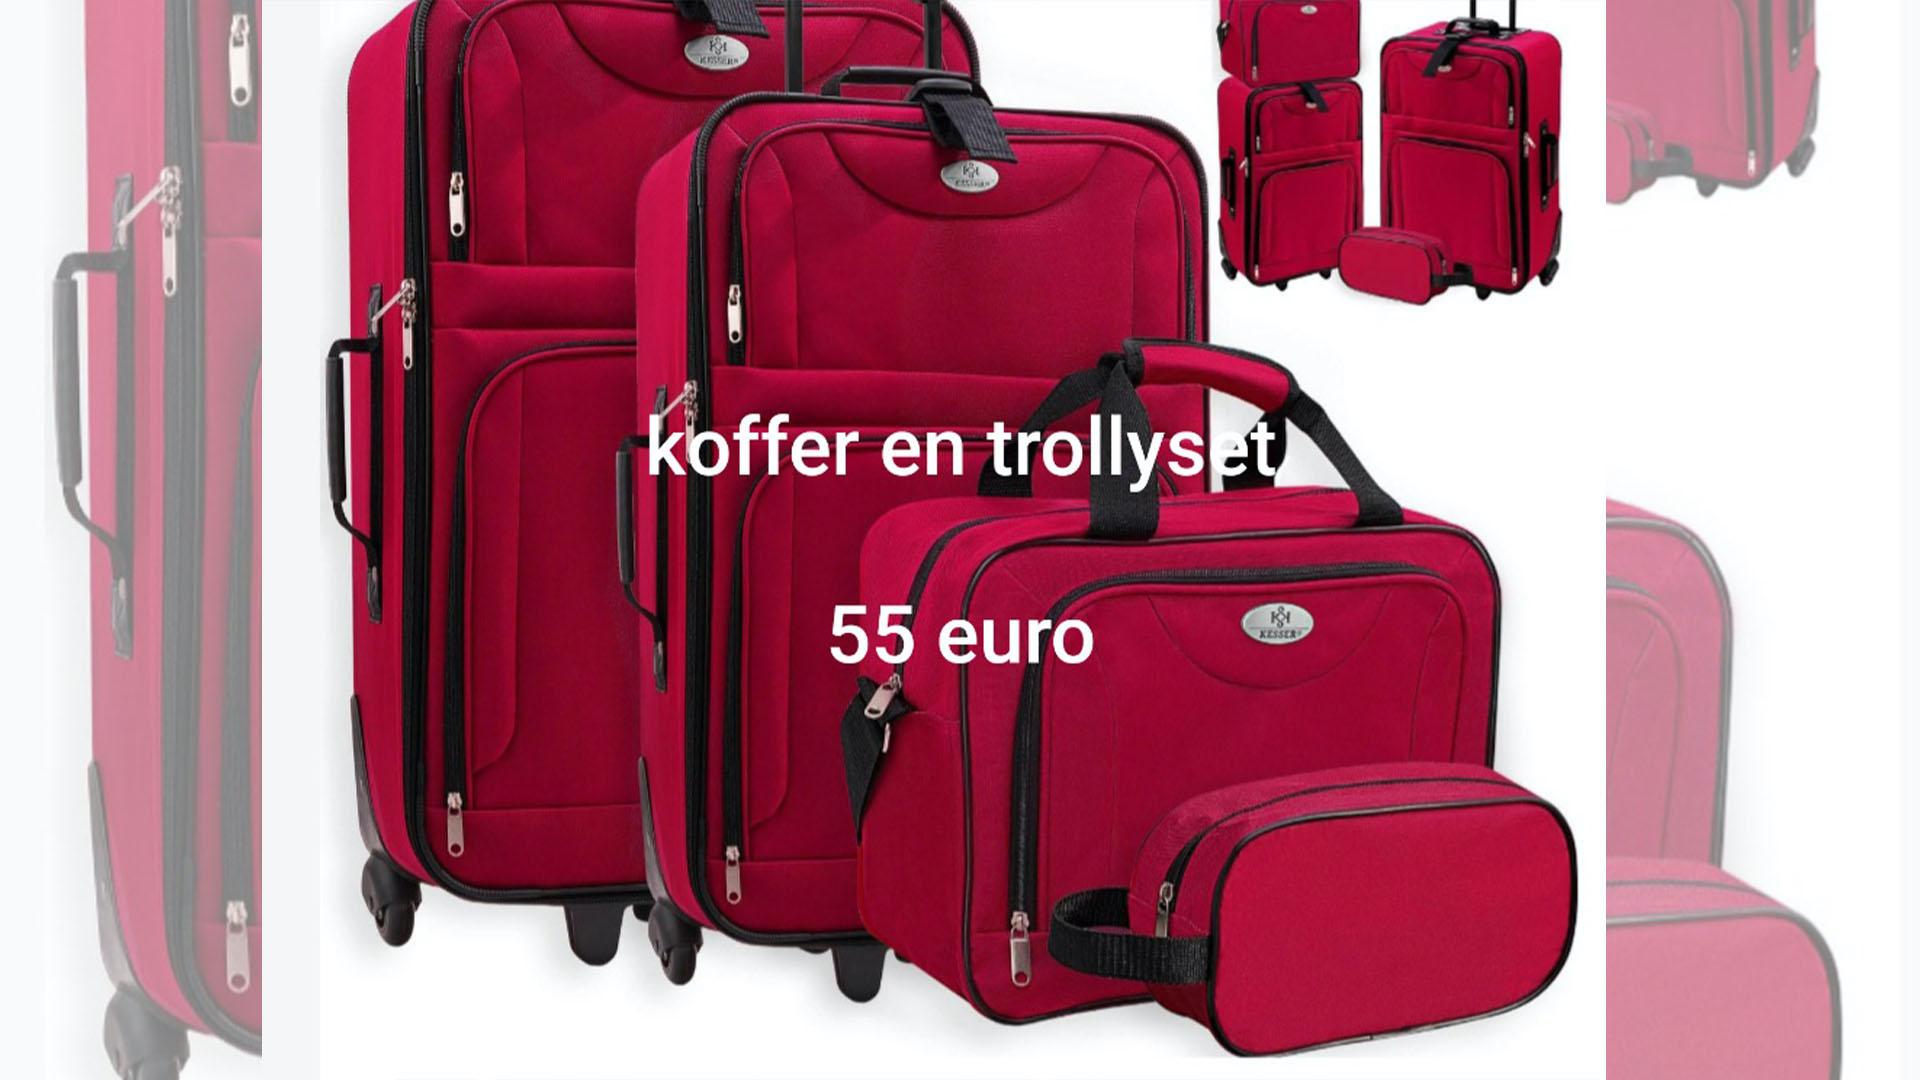 per set € 55,-